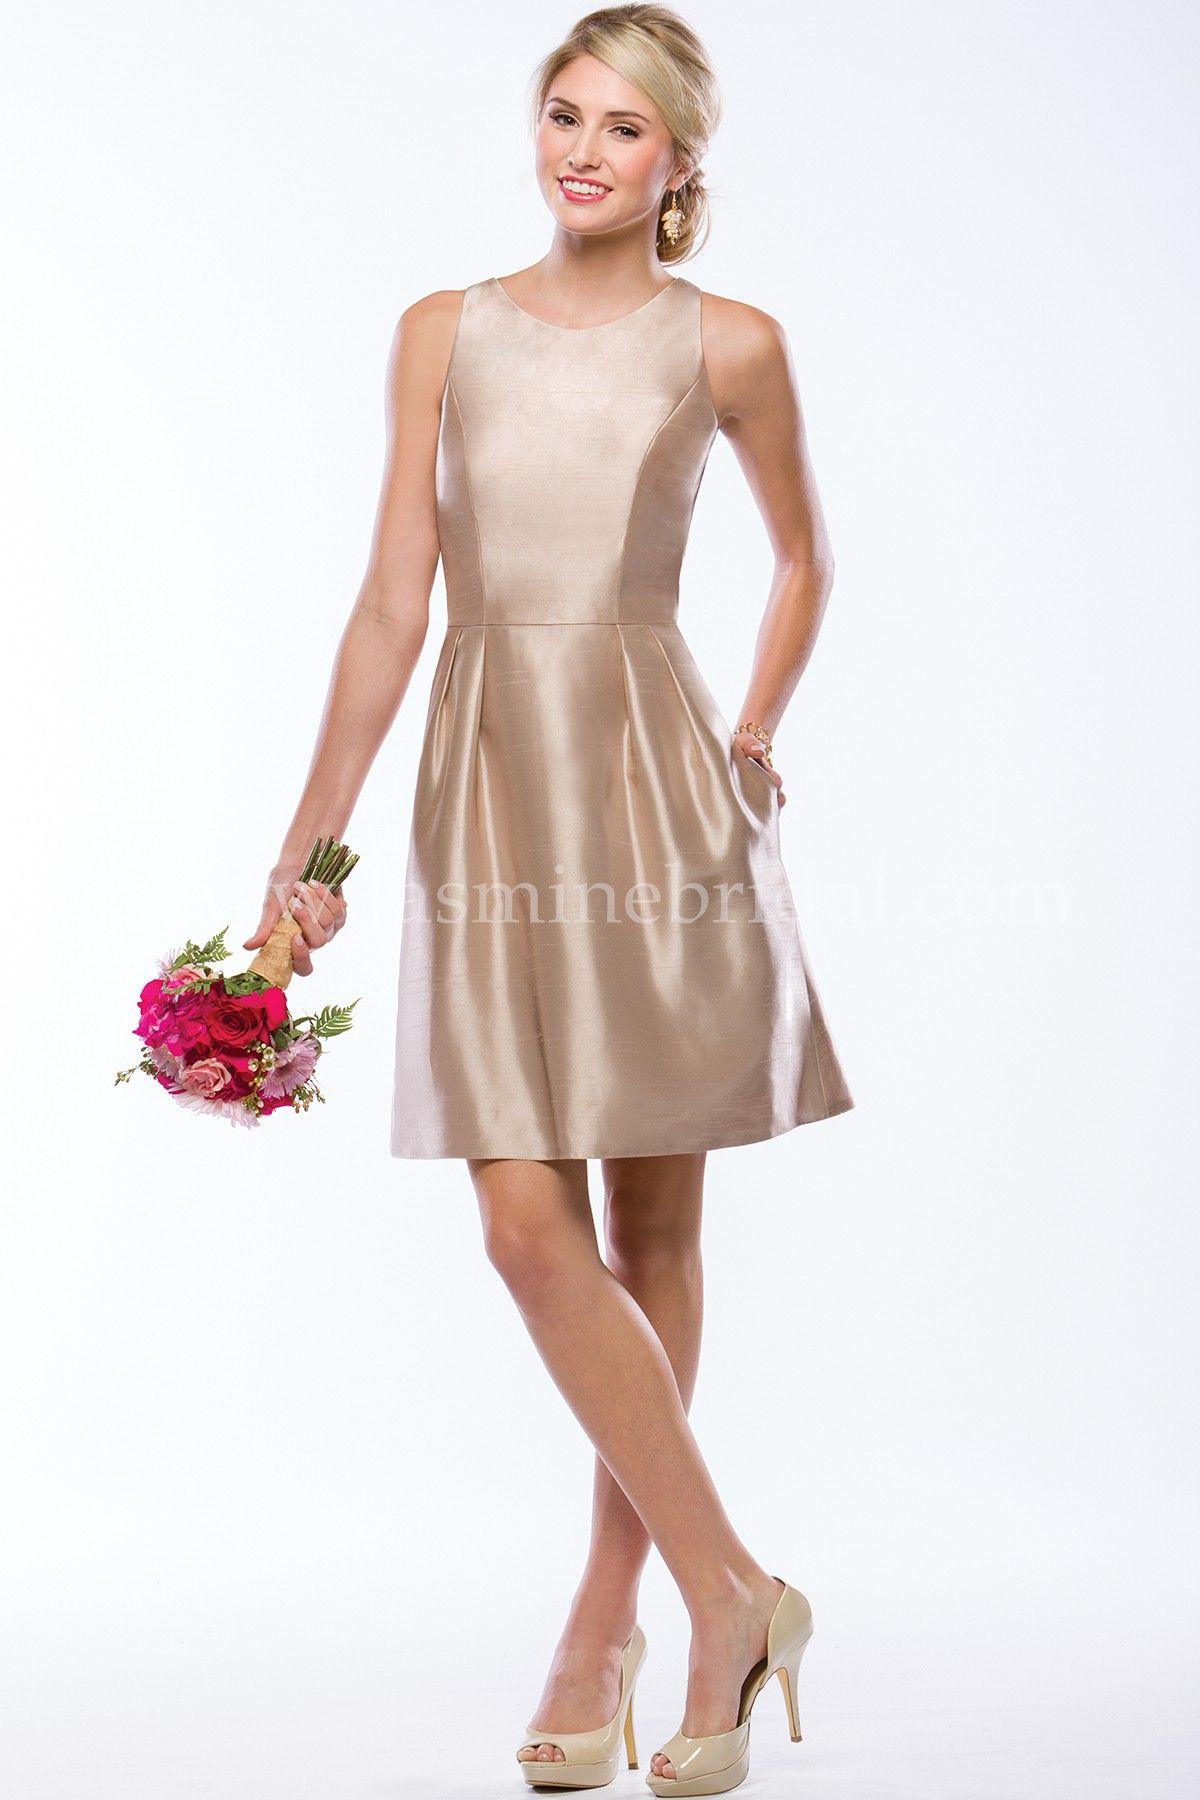 Jasmine bridal bridesmaid dress jasmine bridesmaids style p176059k jasmine bridal bridesmaid dress jasmine bridesmaids style p176059k in latte a versatile bridesmaid dress ombrellifo Images